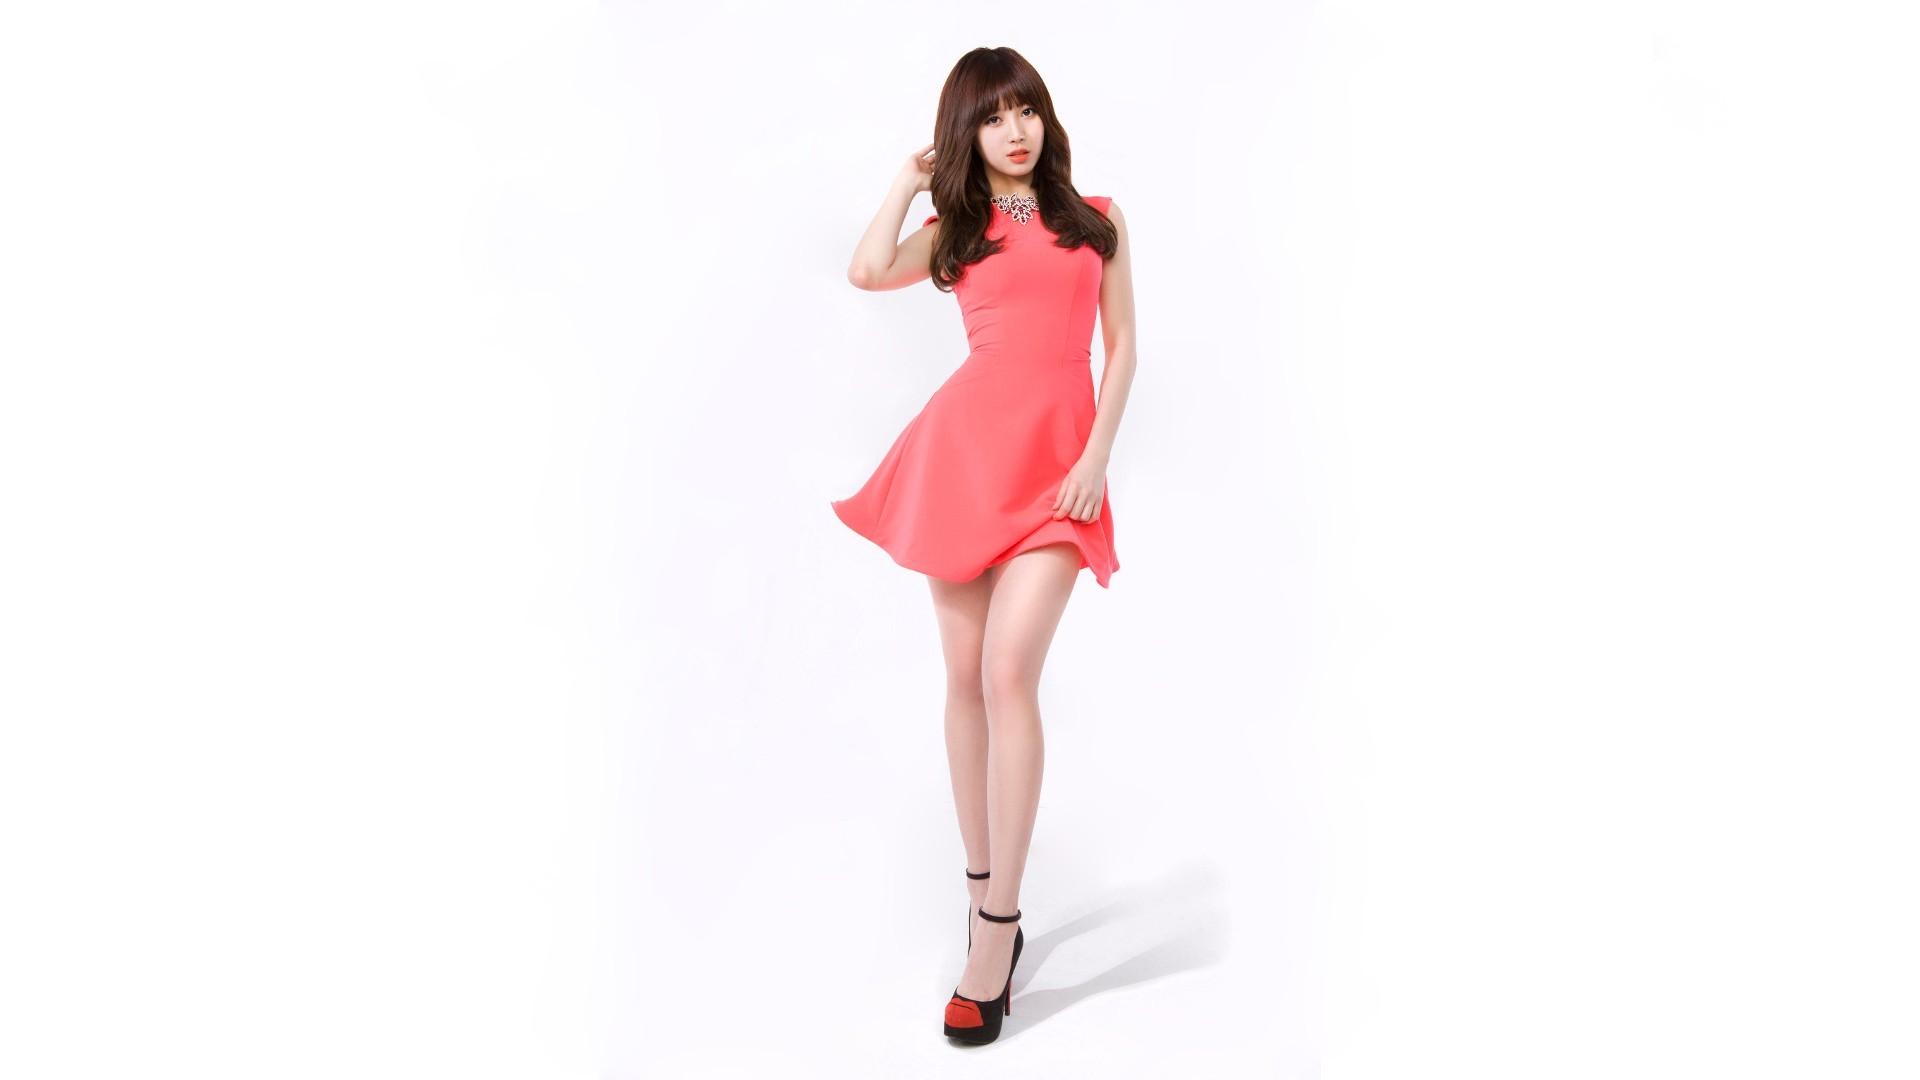 Fondos de pantalla : asiático, vestir, coreano, rosado, K pop, ropa ...